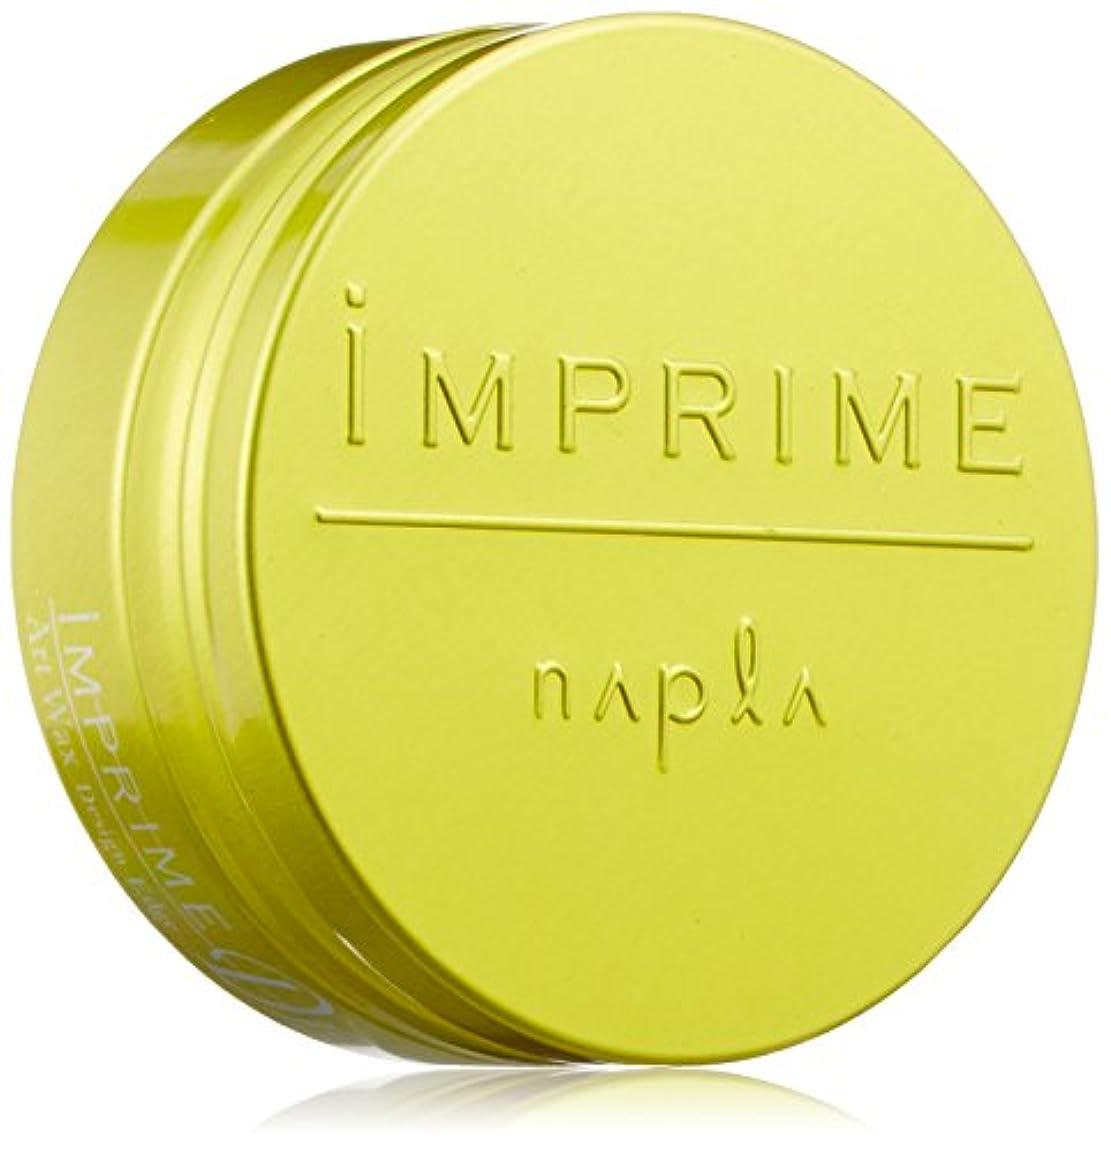 ナプラ インプライム アートワックス デザインエッジ 80g